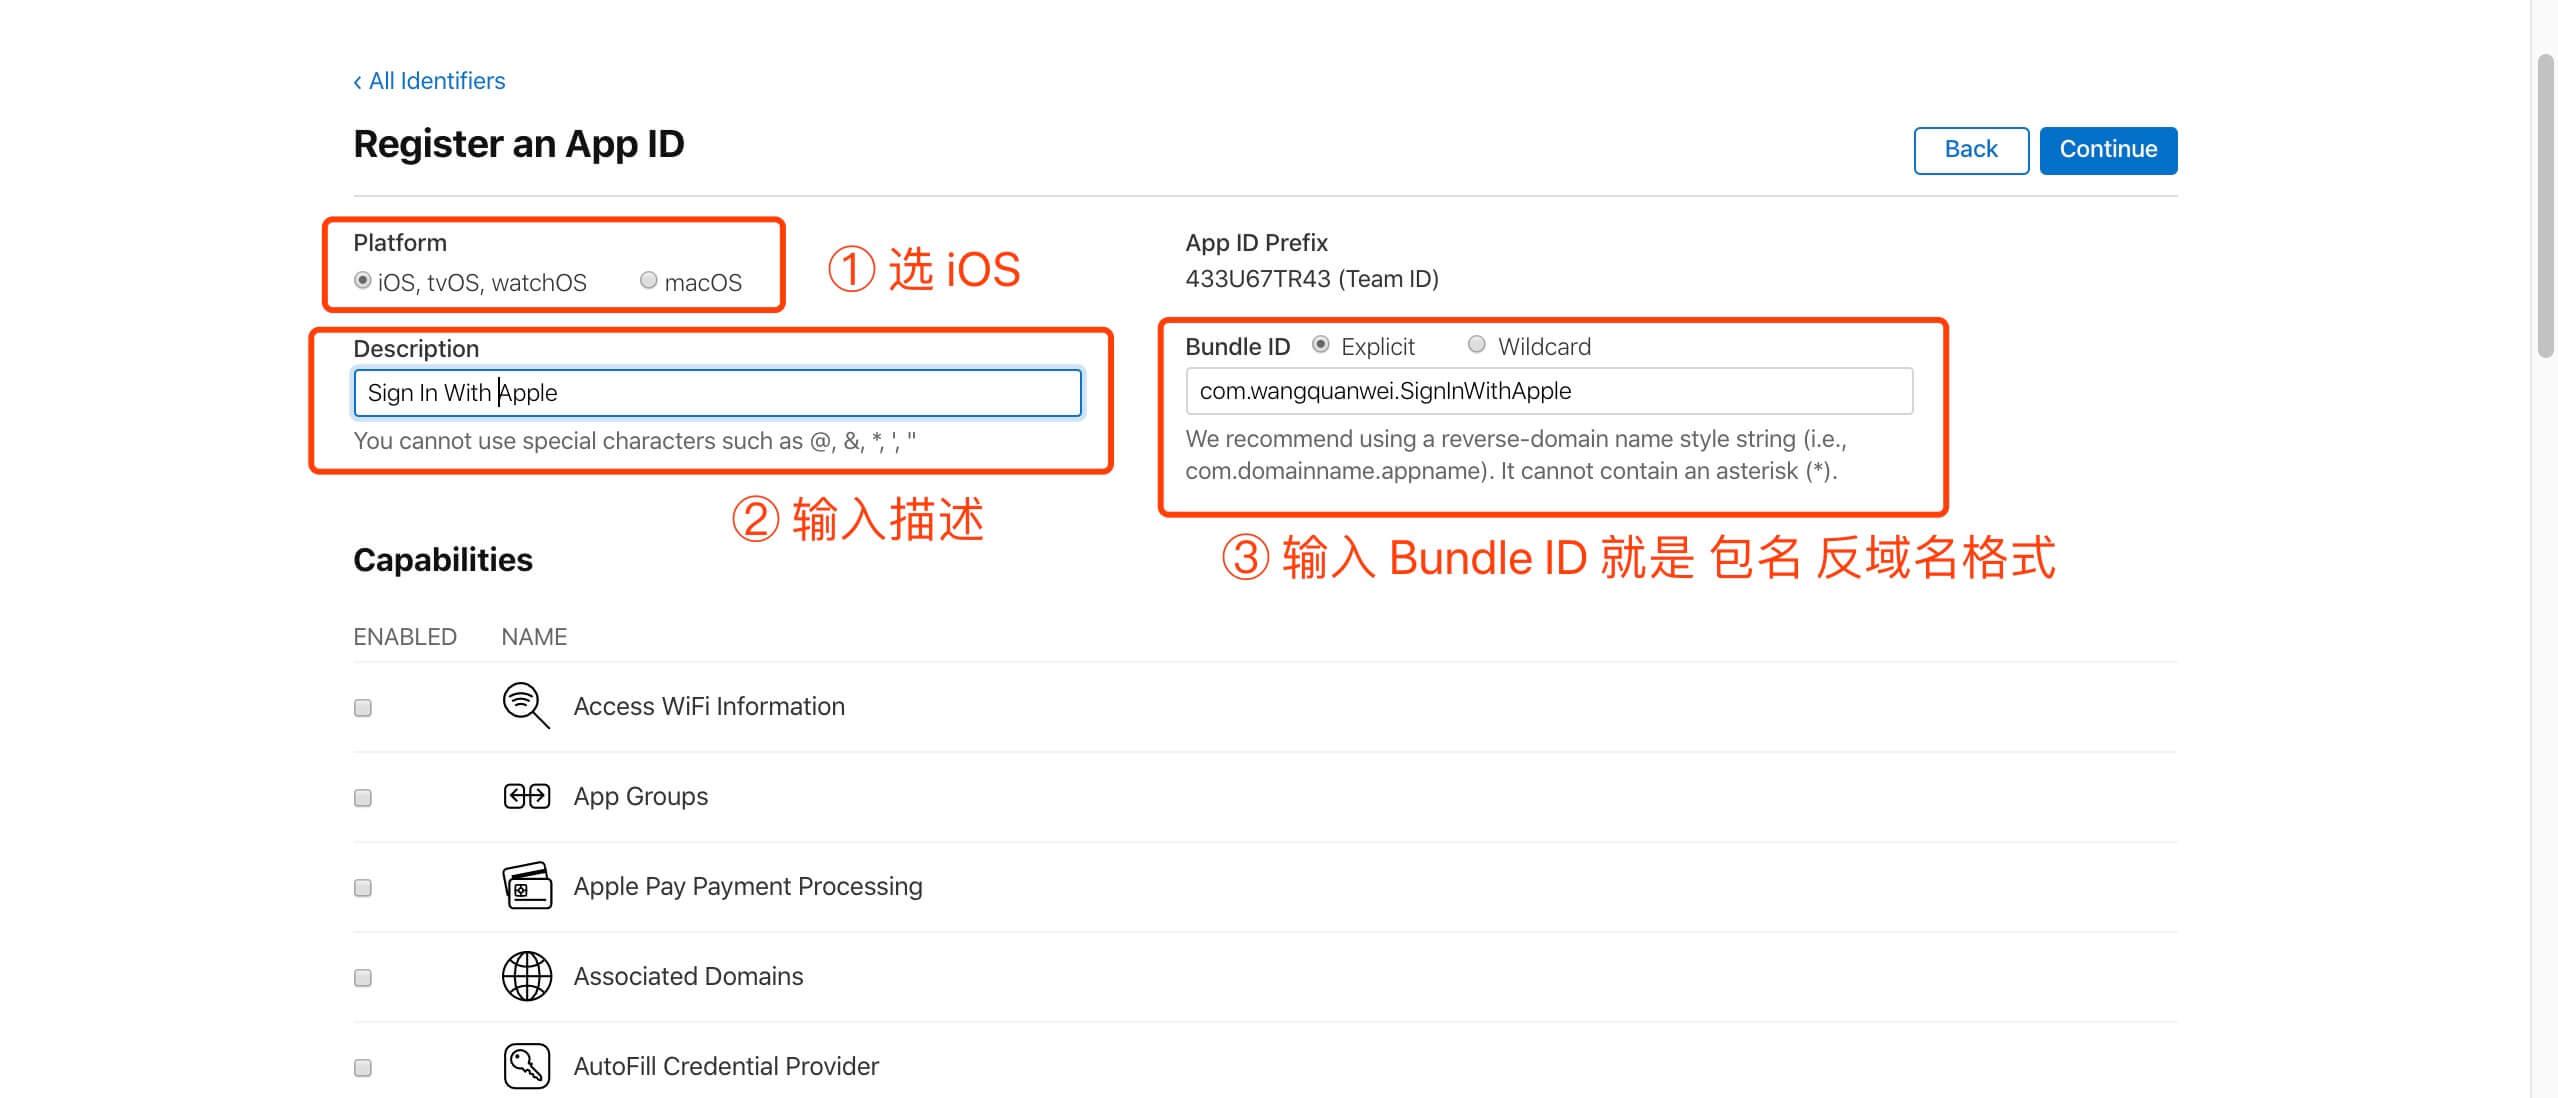 http://www.wangquanwei.com/wp-content/uploads/2019/12/1577027138-B2714352-FA45-4936-A0C5-A329D03FCA74.jpeg